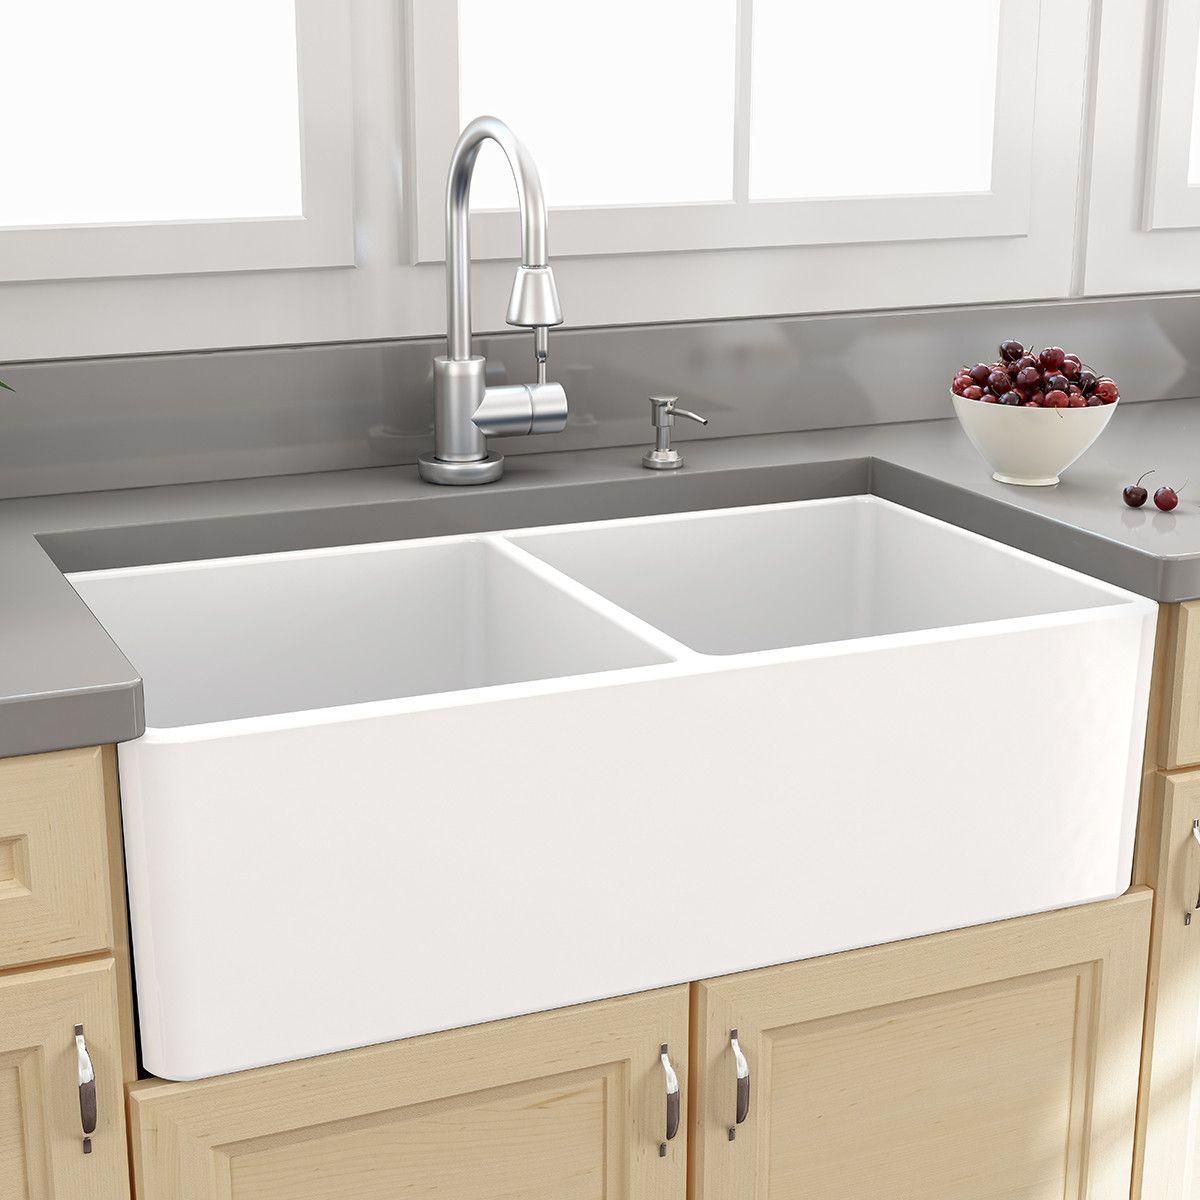 abia 33   x 18   double basin farmhouse apron kitchen sink abia 33   x 18   double basin farmhouse apron kitchen sink   double      rh   pinterest com